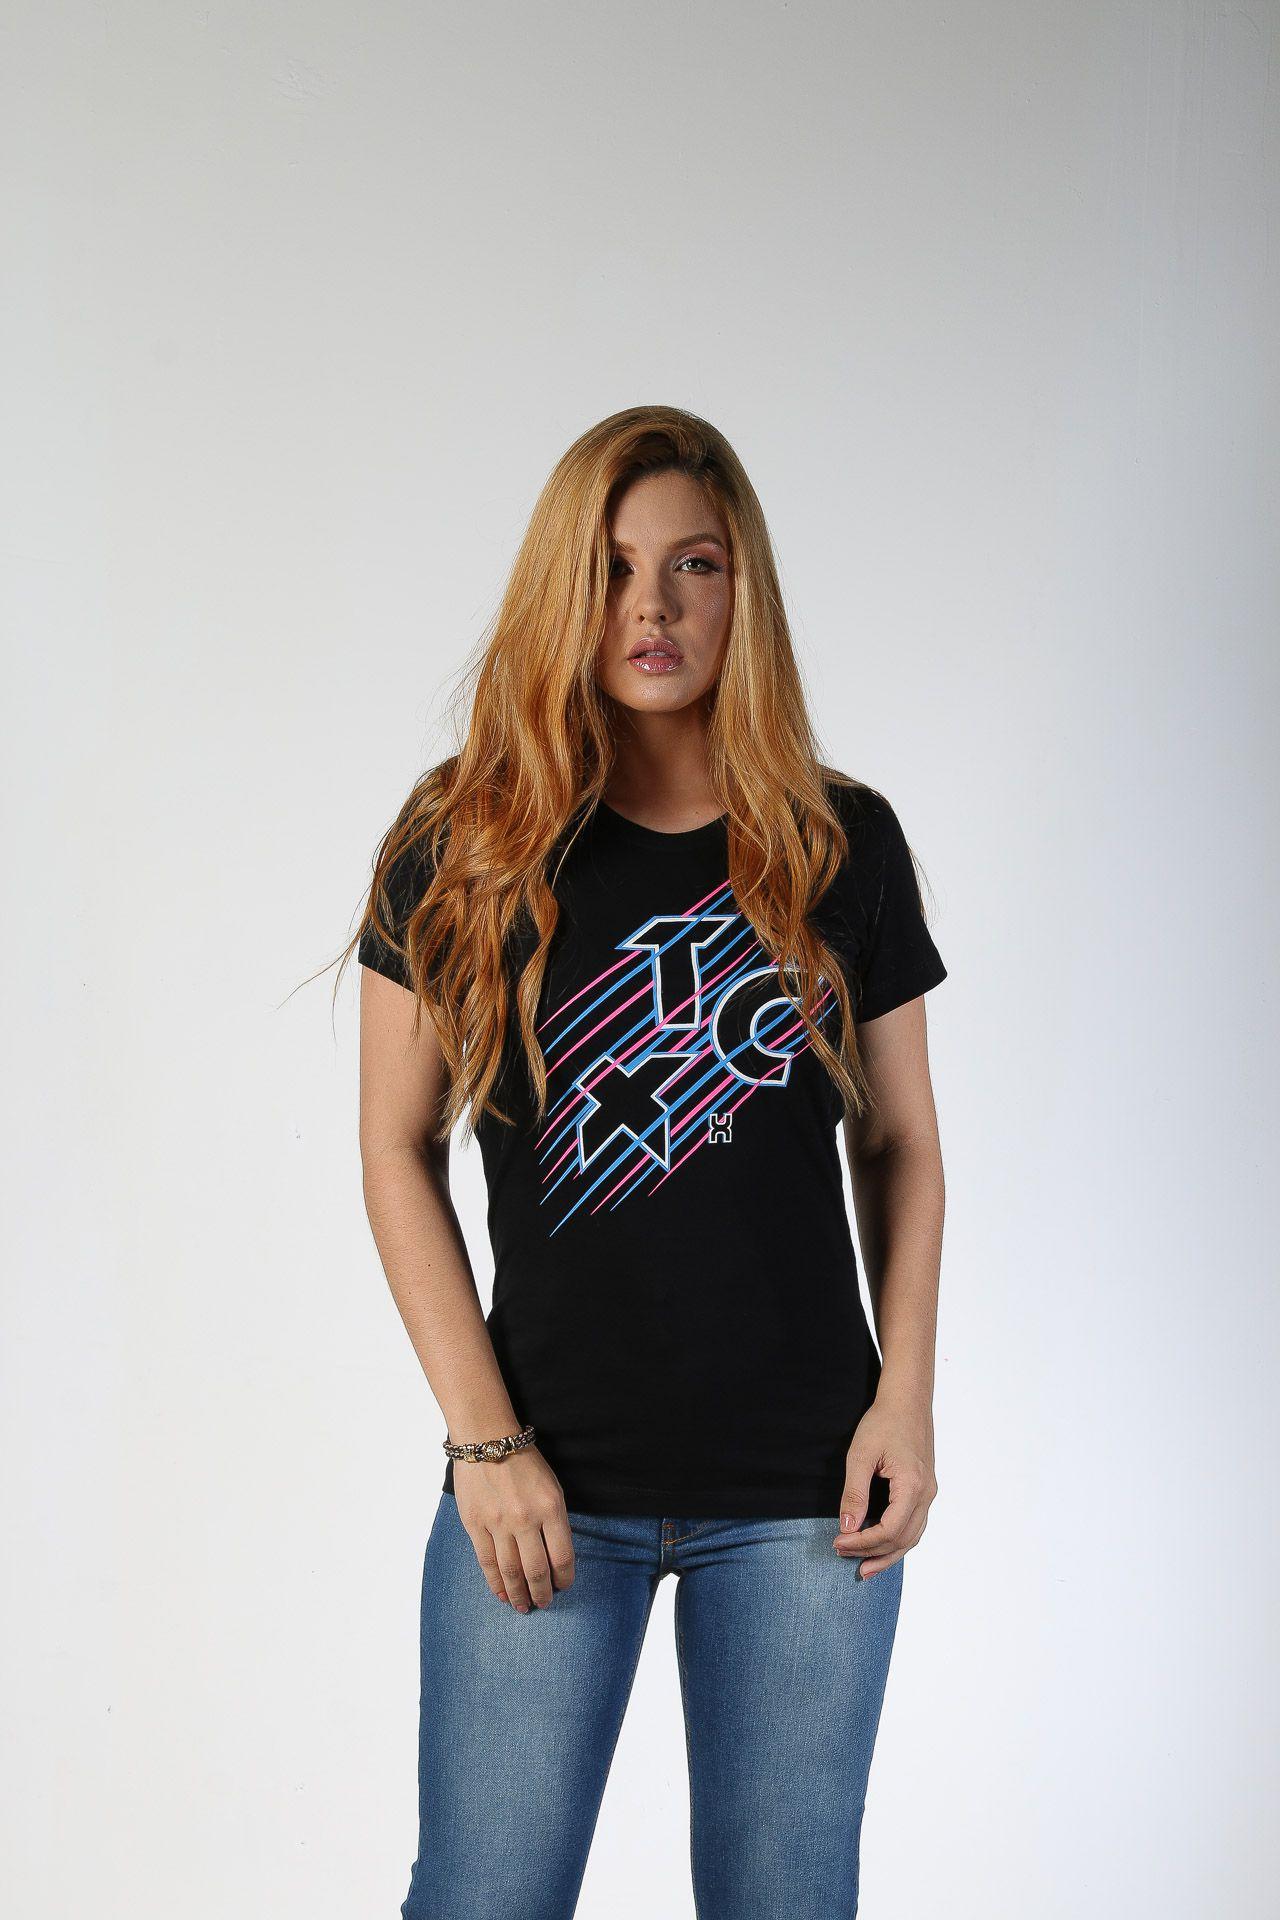 Camiseta Feminina TXC 4339